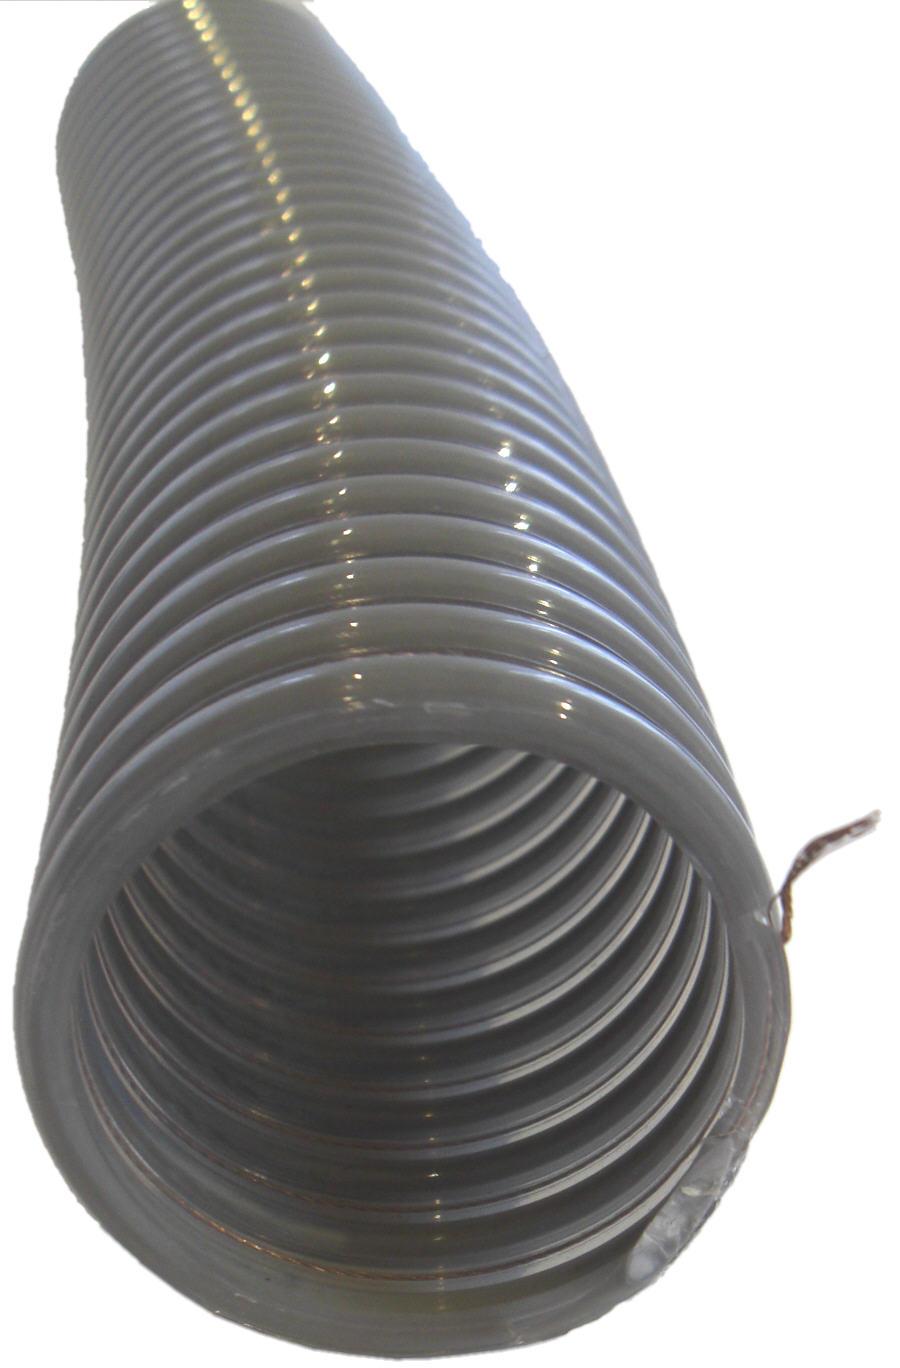 Pellets Saugschlauch und Rückluftschlauch im Schnitt PVC+PU+Kupferlitze Erdung Killus-Technik.de